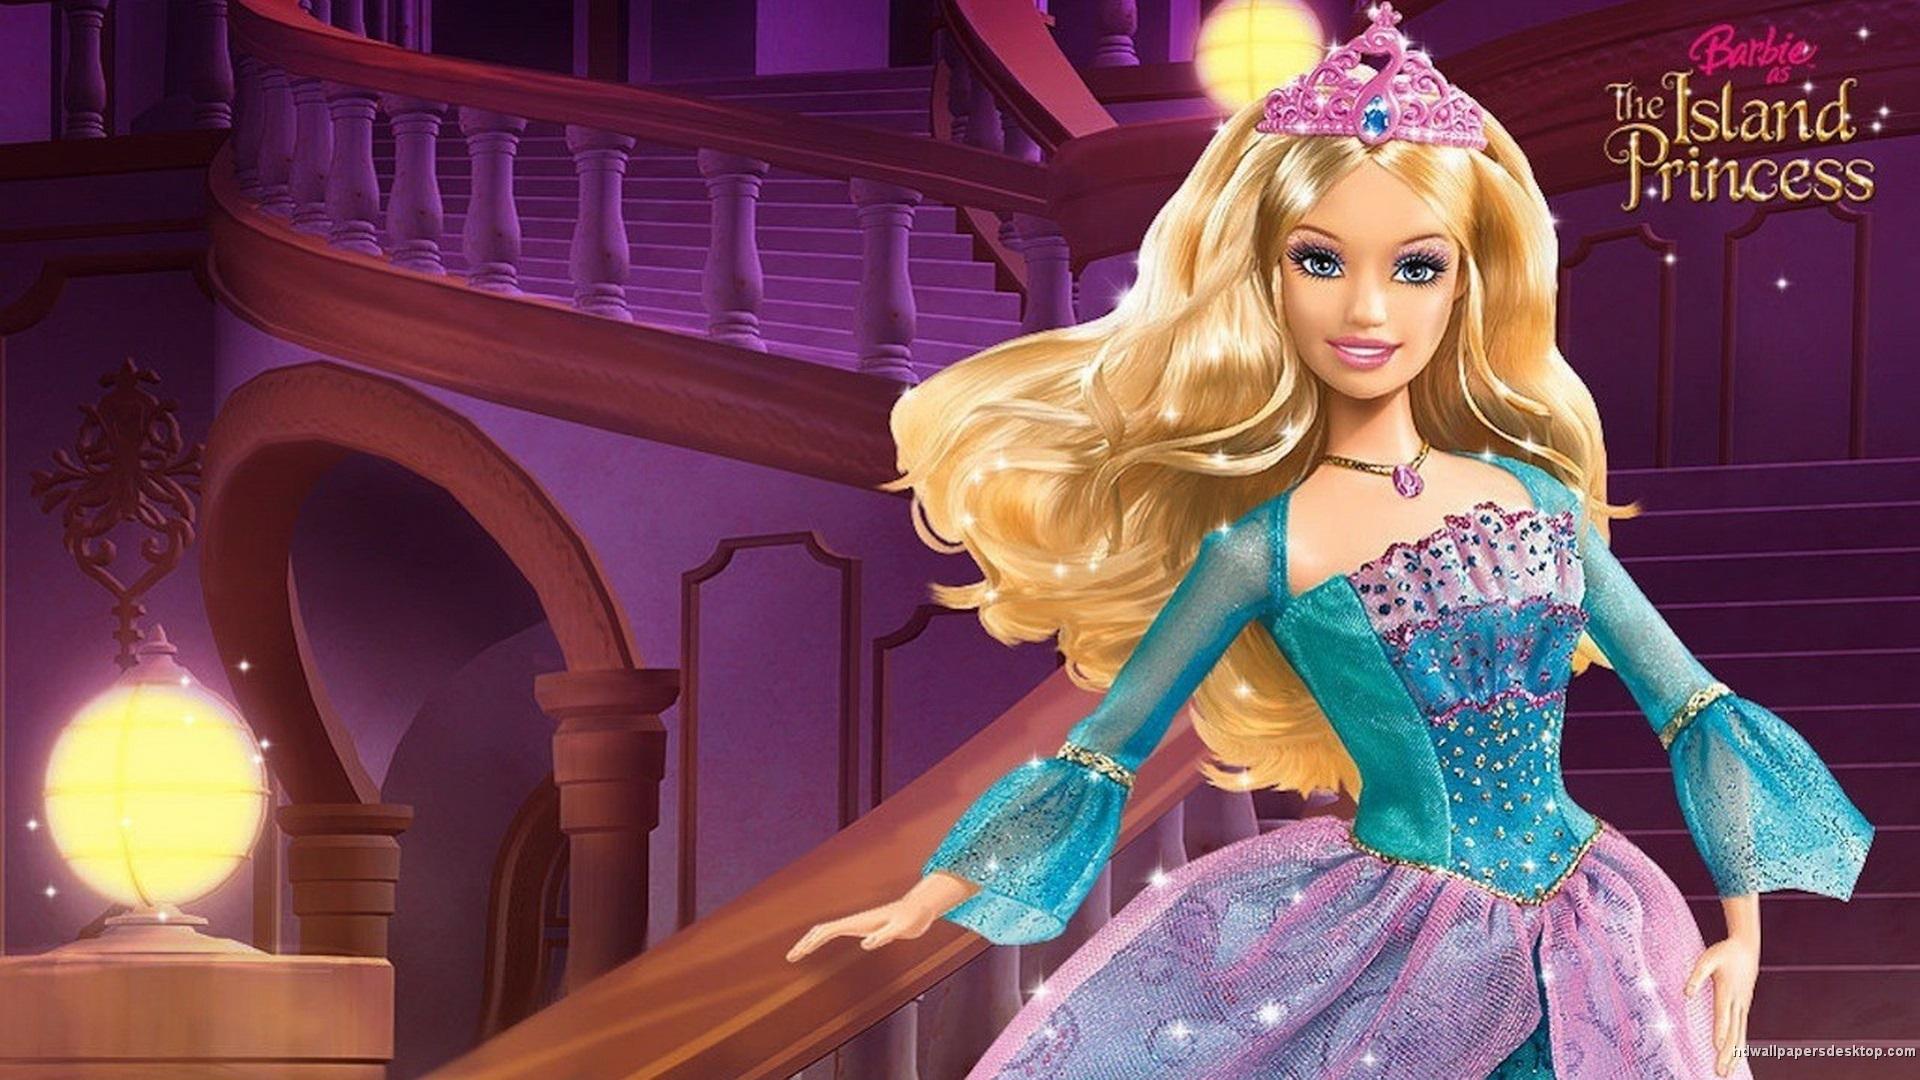 Princess Luciana - Barbie Collectors Photo (5186116) - Fanpop